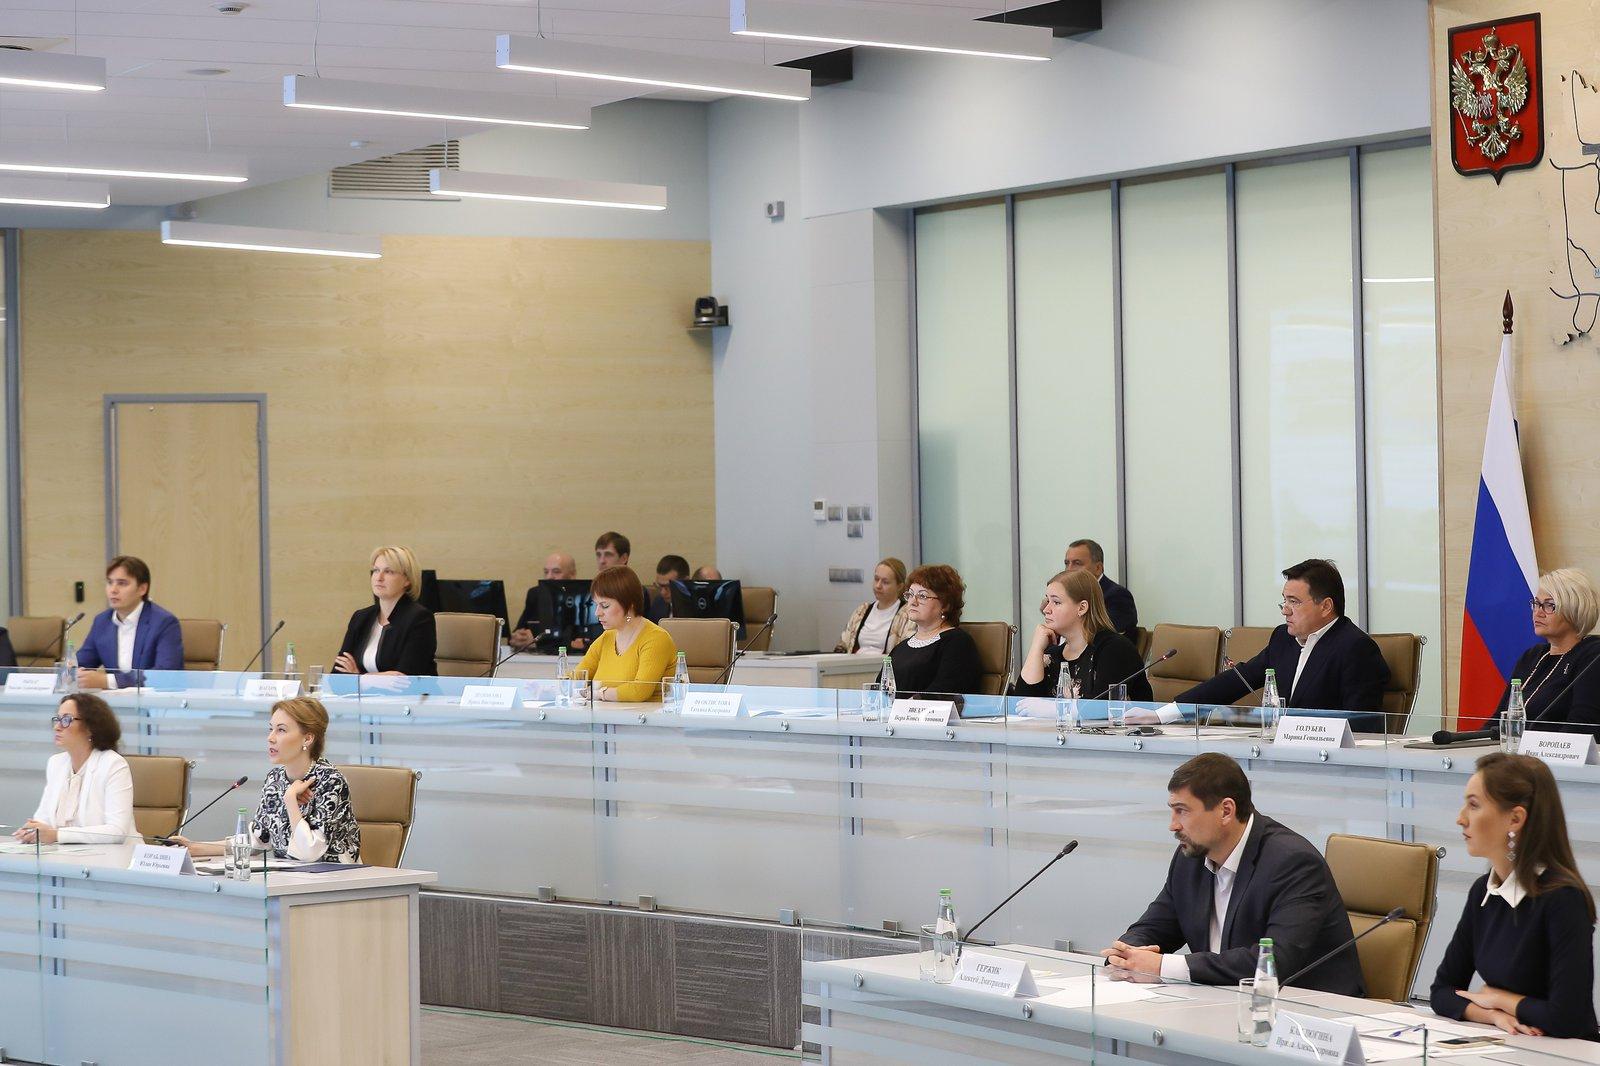 Андрей Воробьев губернатор московской области - Решаем любые проблемы: встреча с жителями в ЦУРе